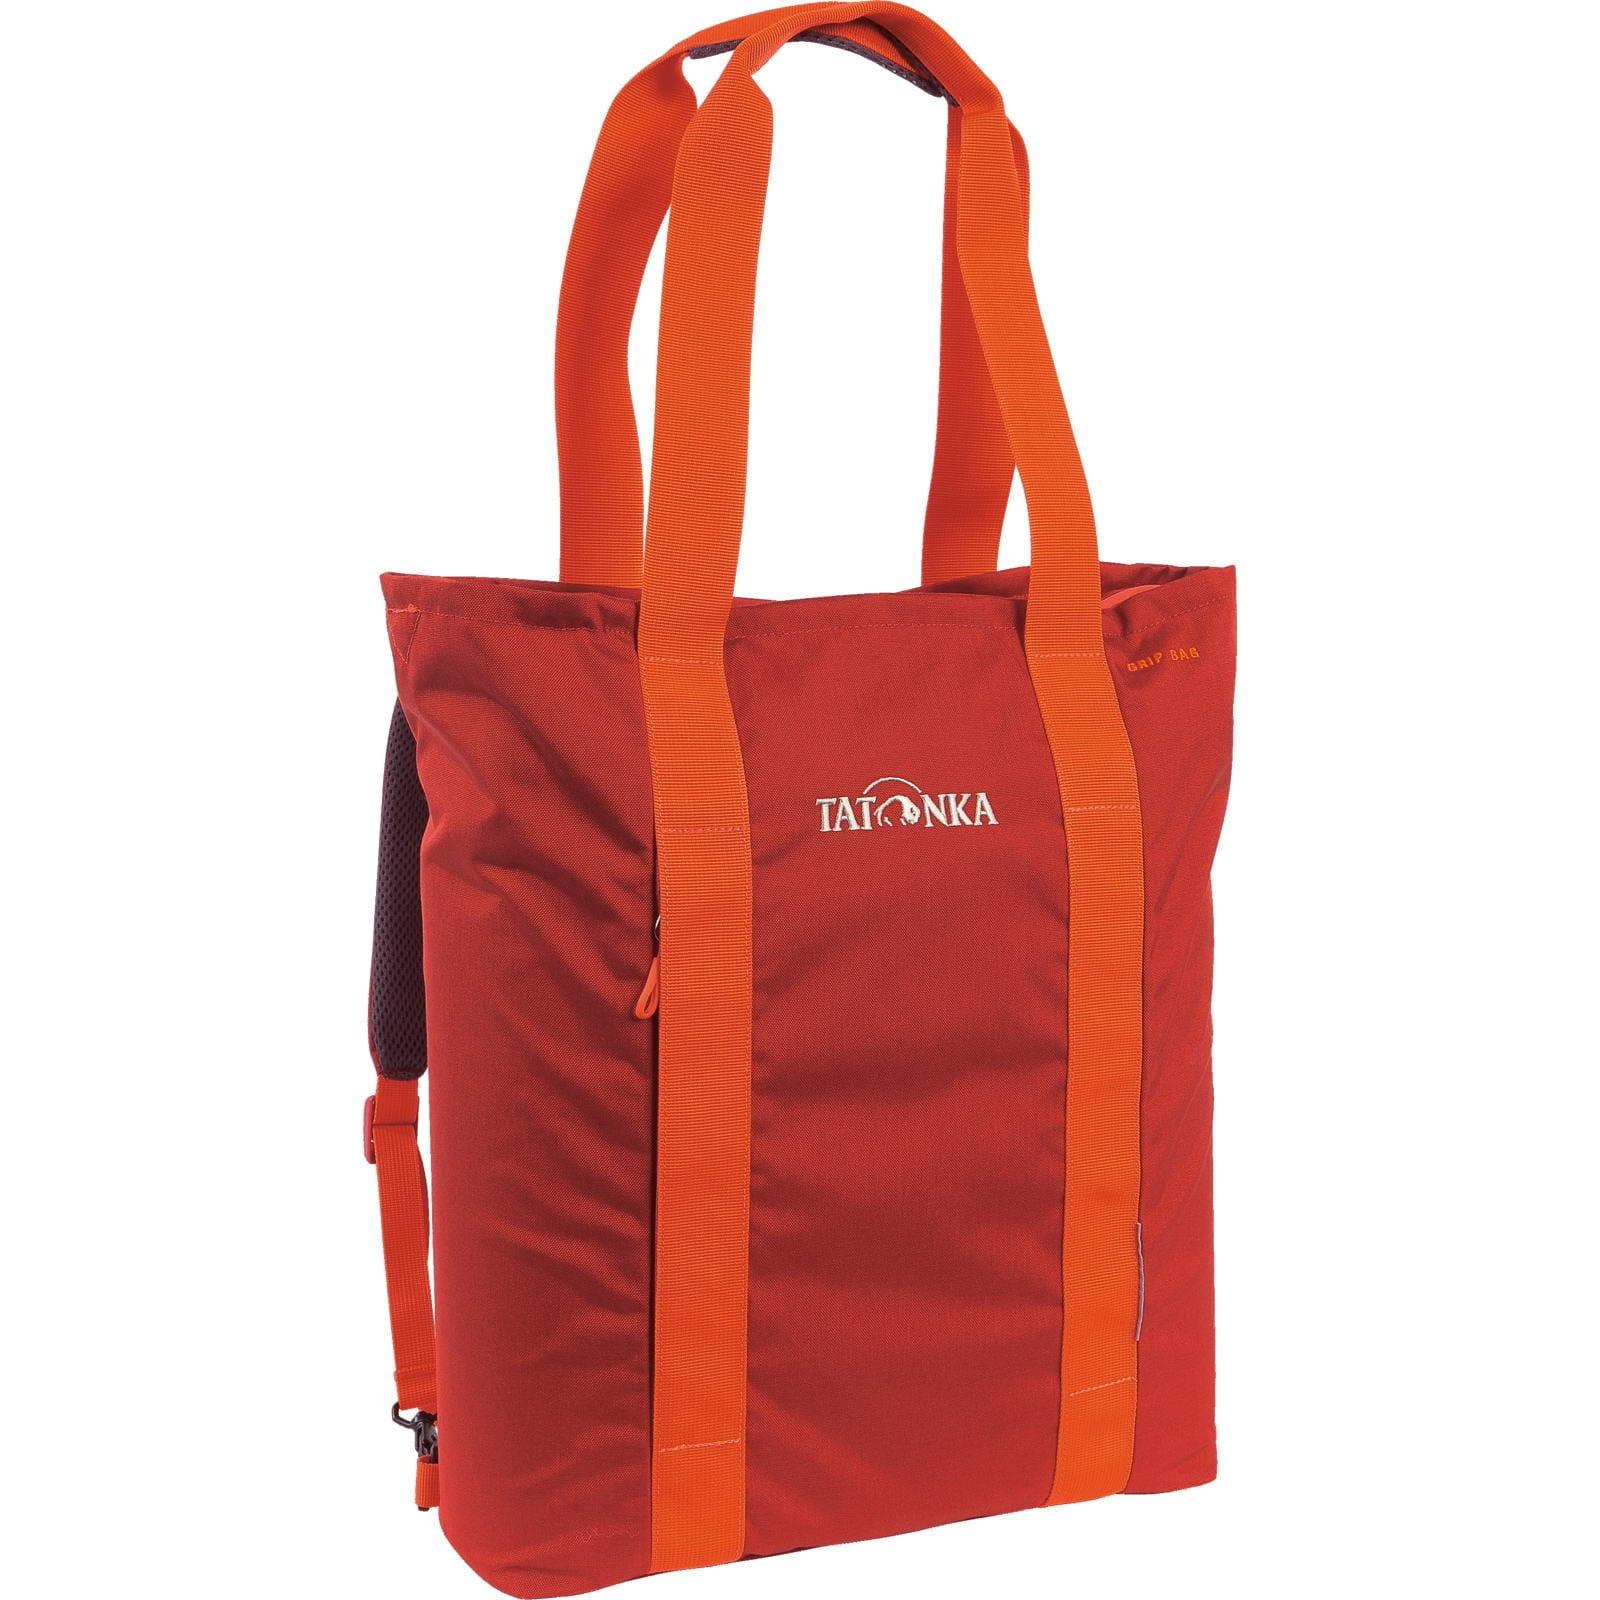 Tatonka Grip Bag - Rucksack-Einkaufstasche redbrown - Bild 5